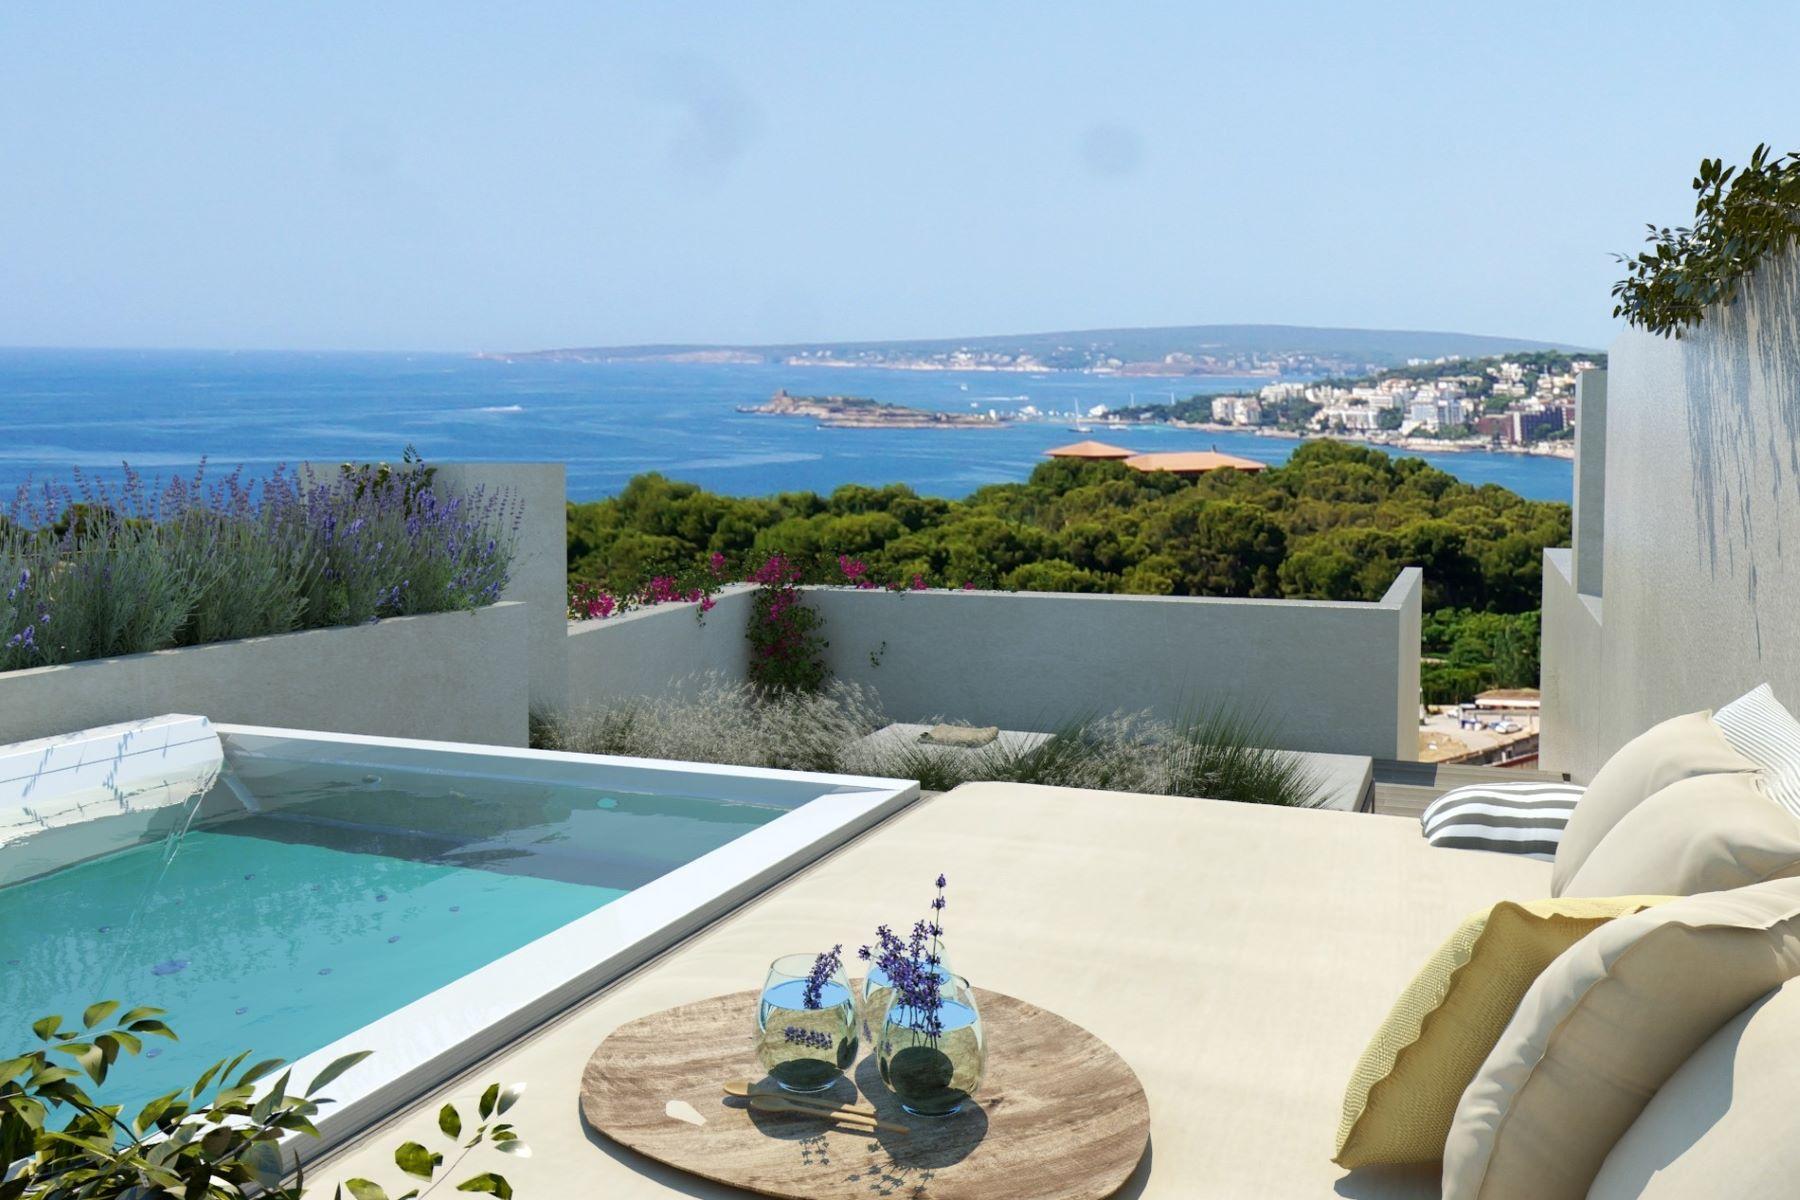 独户住宅 为 销售 在 New high-end penhouse with sea views in Palma 巴利阿里群岛其他地方, 巴利阿里群岛, 西班牙